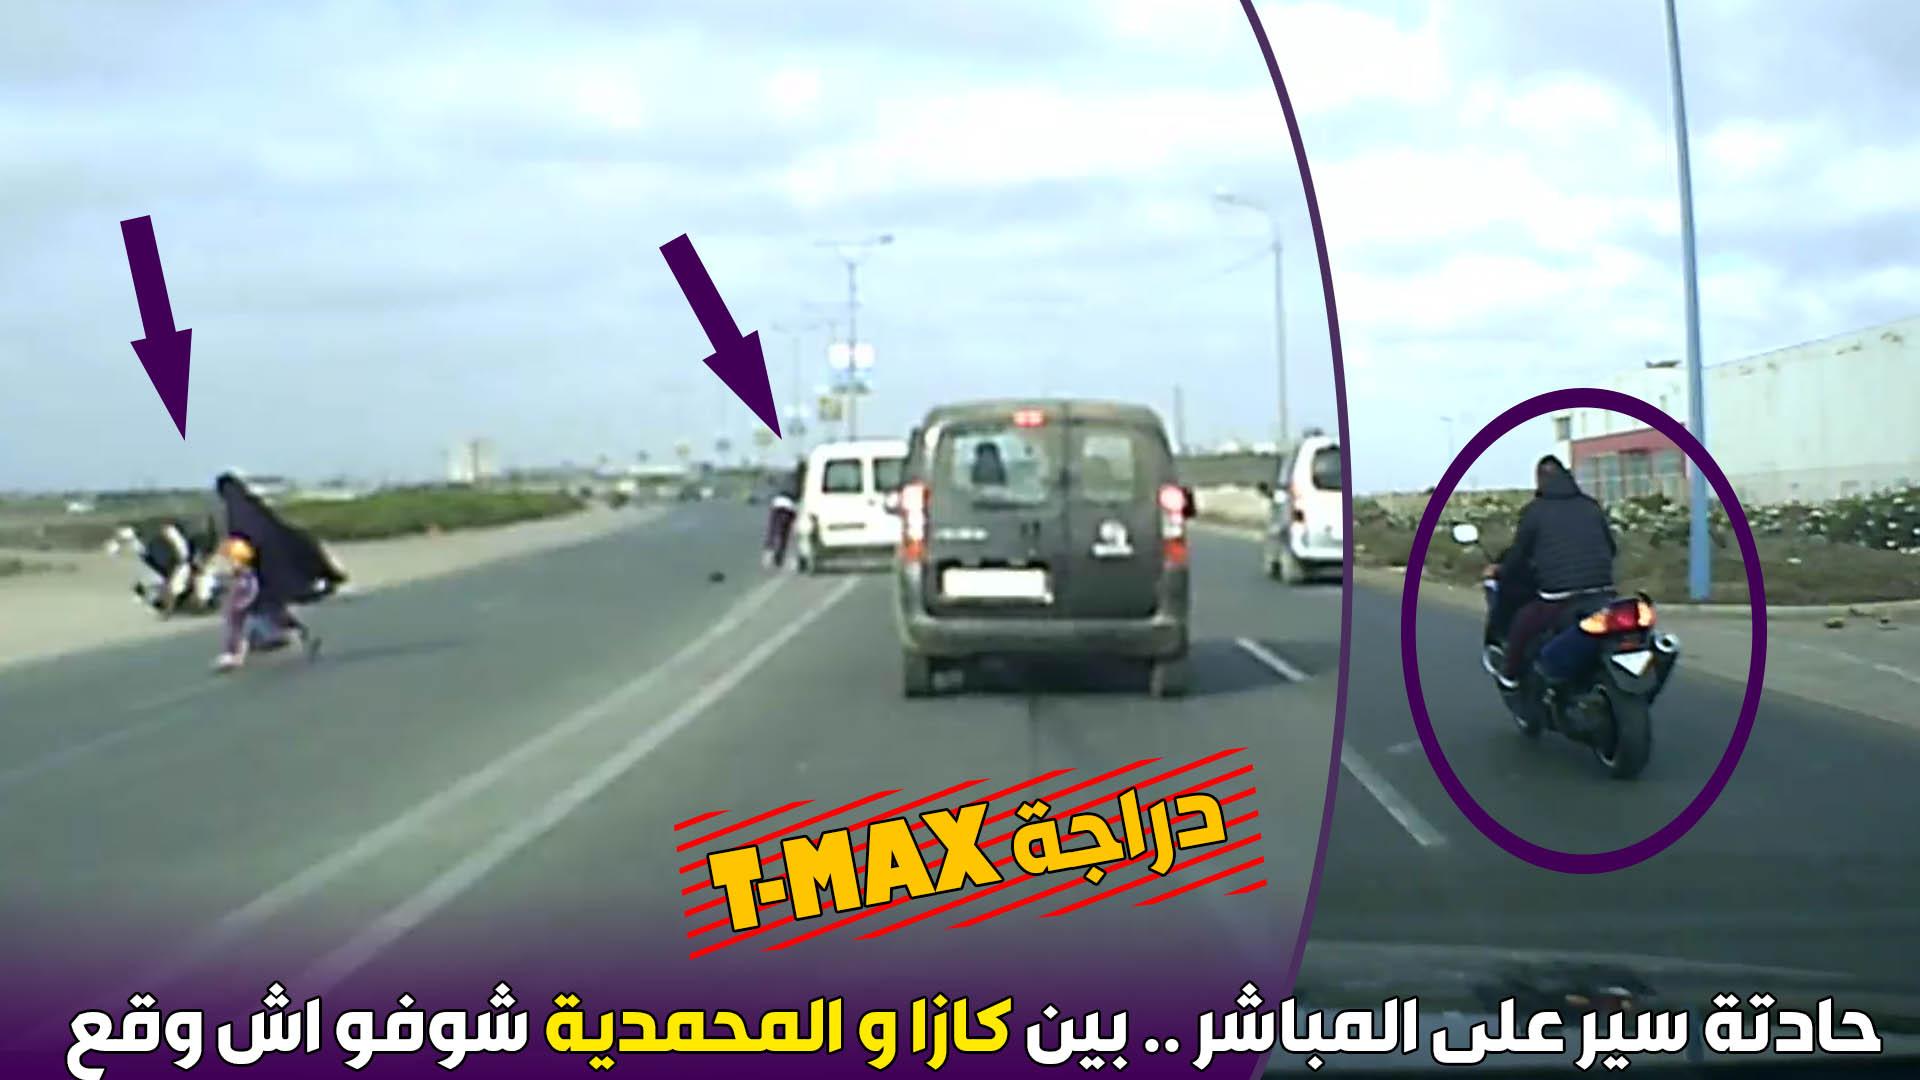 مول T-max دار كسيدة على المباشر .. بين المحمدية او كازا شوفو شنو وقع  ليه مسكين